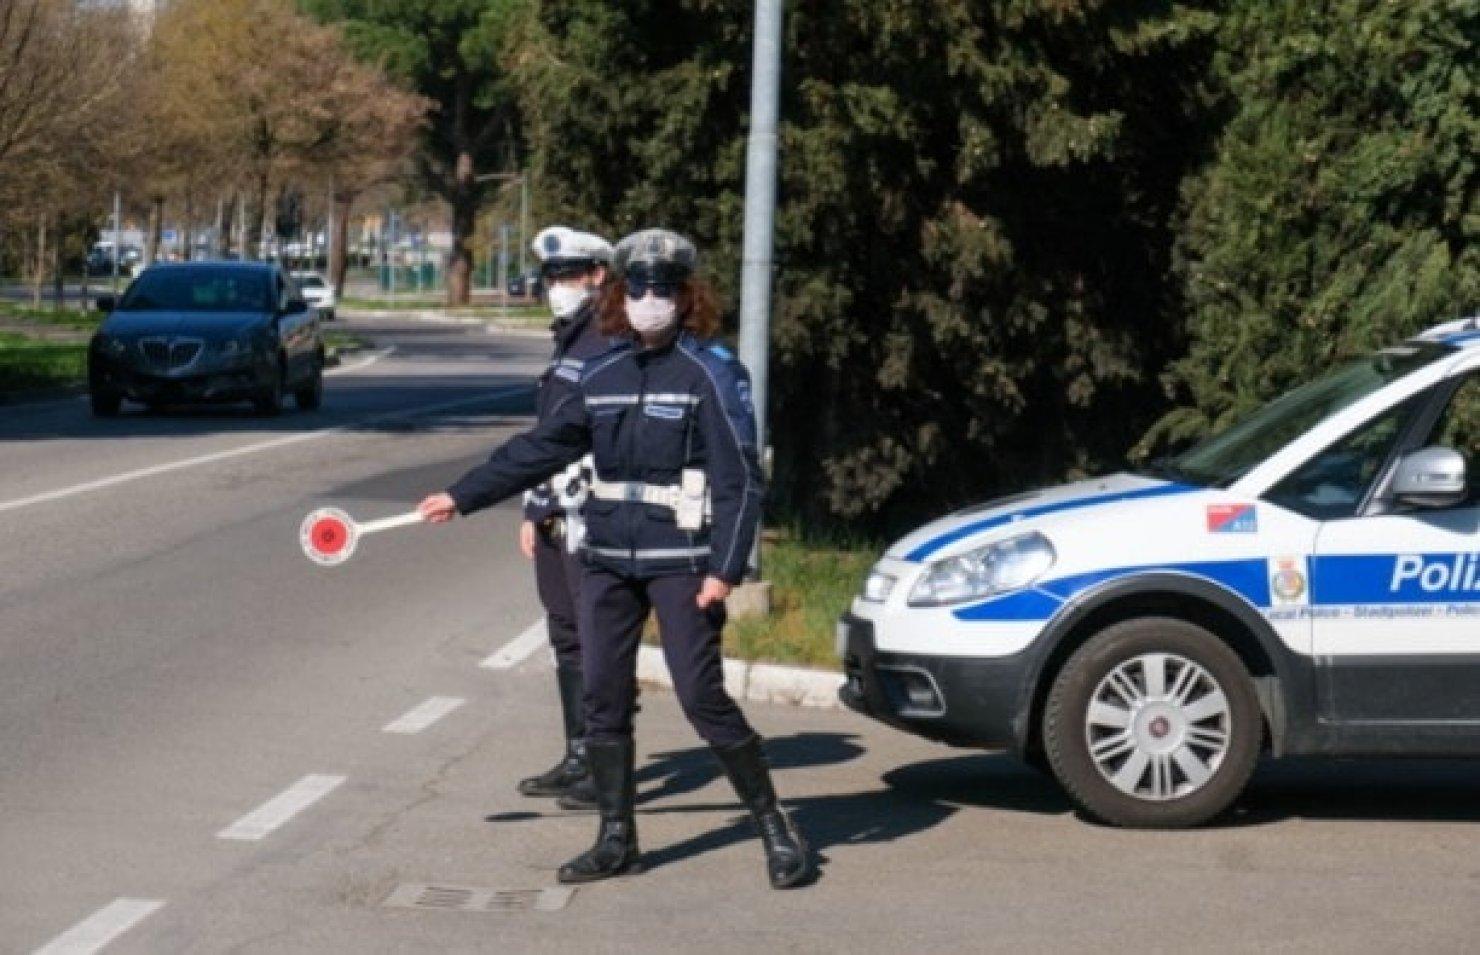 Polizia Locale.Librandi (UIL-FPL):solidarietà ai colleghi milanesi azzannati dai cani al Parco delle Cave